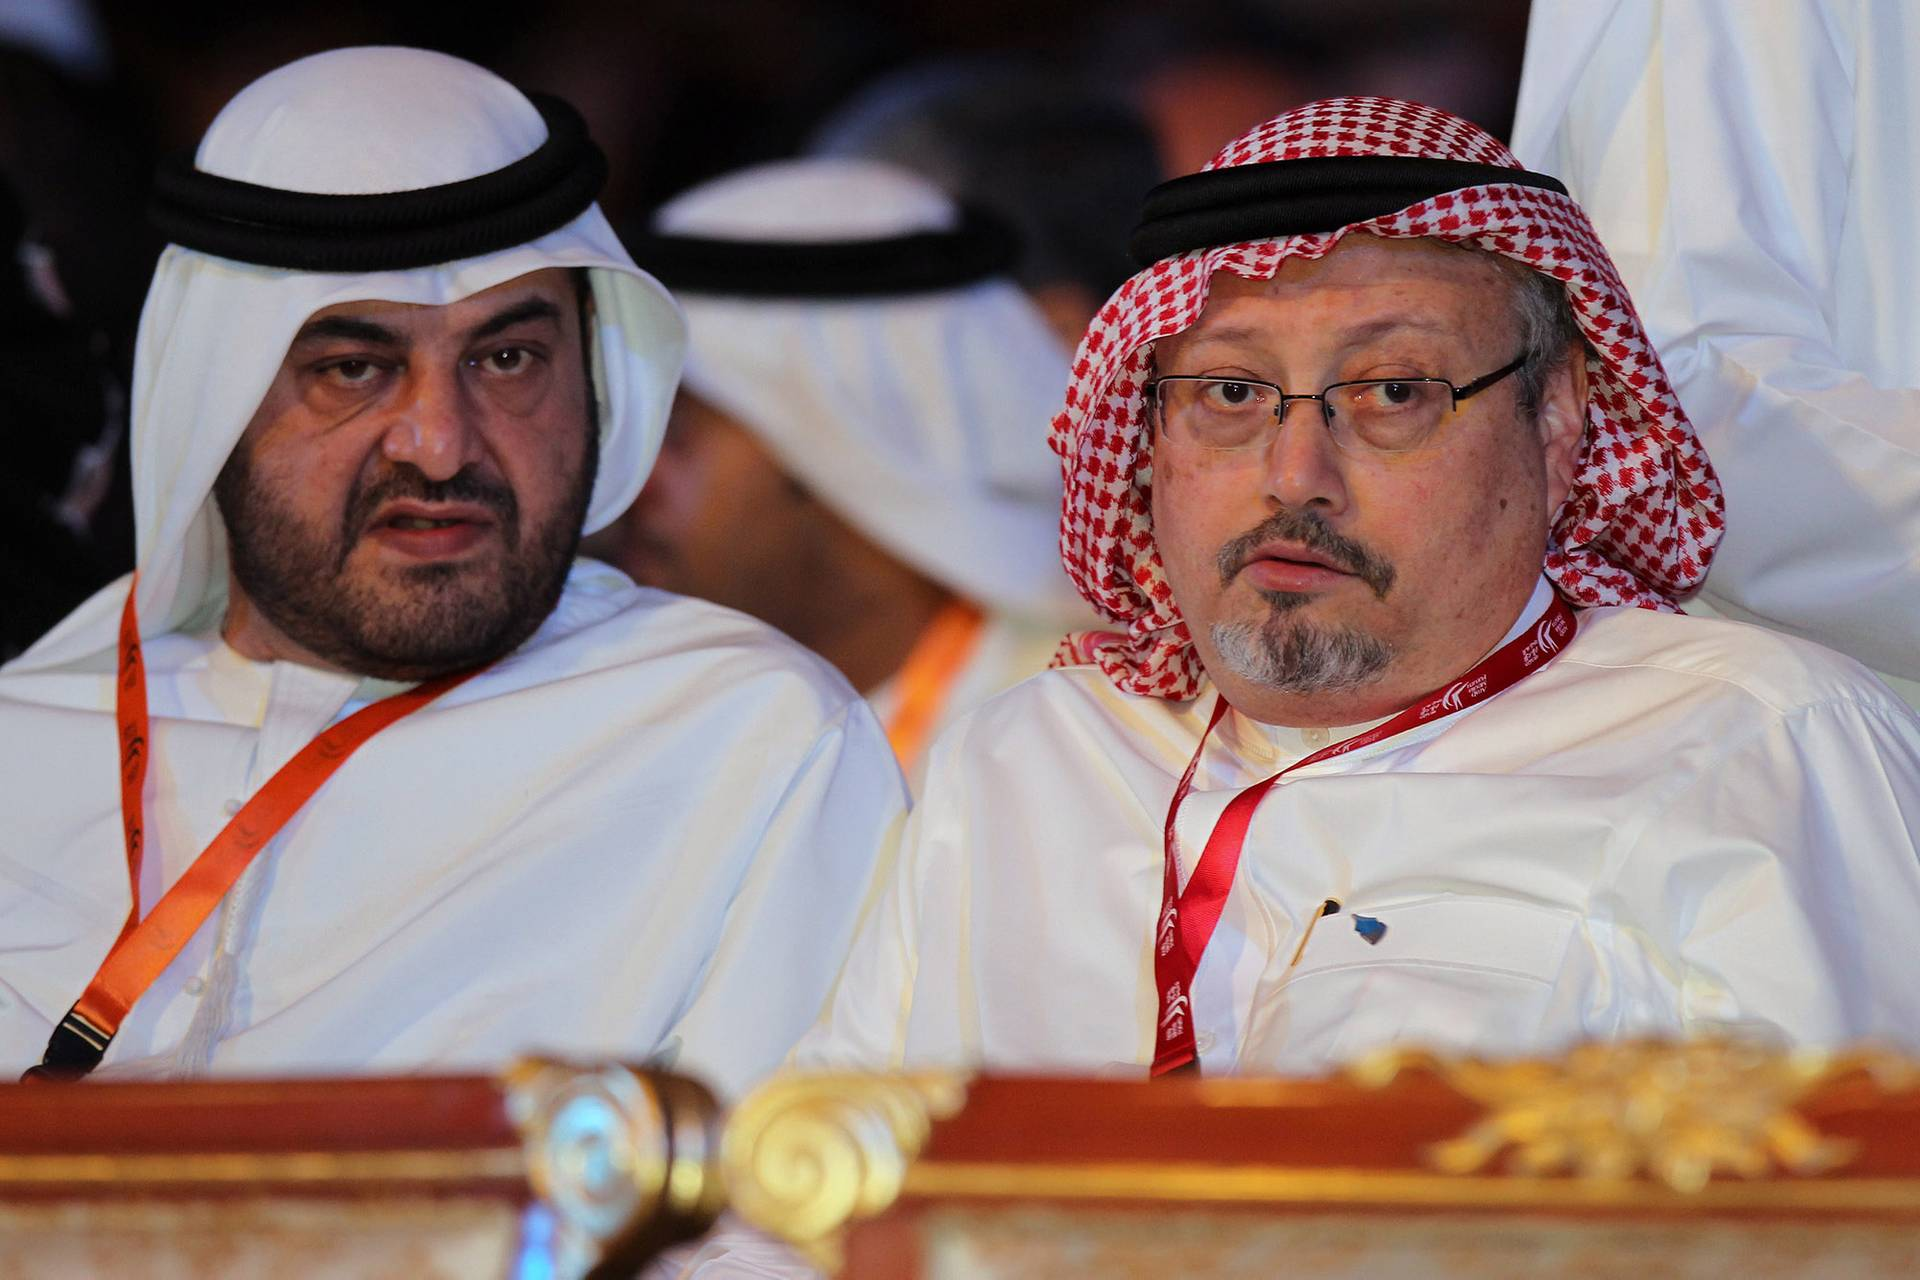 Саудівський журналіст і колишній головний редактор газети «Аль-Ватан» Джамаль Хашогджі (праворуч), Дубаї, ОАЕ, 8 травня 2012 року. Саудівський журналіст Джамаль Хашогджі, відомий своєю критикою влади Саудівської Аравії, зник 2 жовтня 2018 року після візиту до консульства Саудівської Аравії в Стамбулі. Про зникнення повідомила його наречена. 19 жовтня Саудівська Аравія вперше визнала, що Хашогджі випадково вбили в консульстві у Стамбулі. 26 жовтня Саудівська Аравія визнала, що вбивство журналіста було умисним